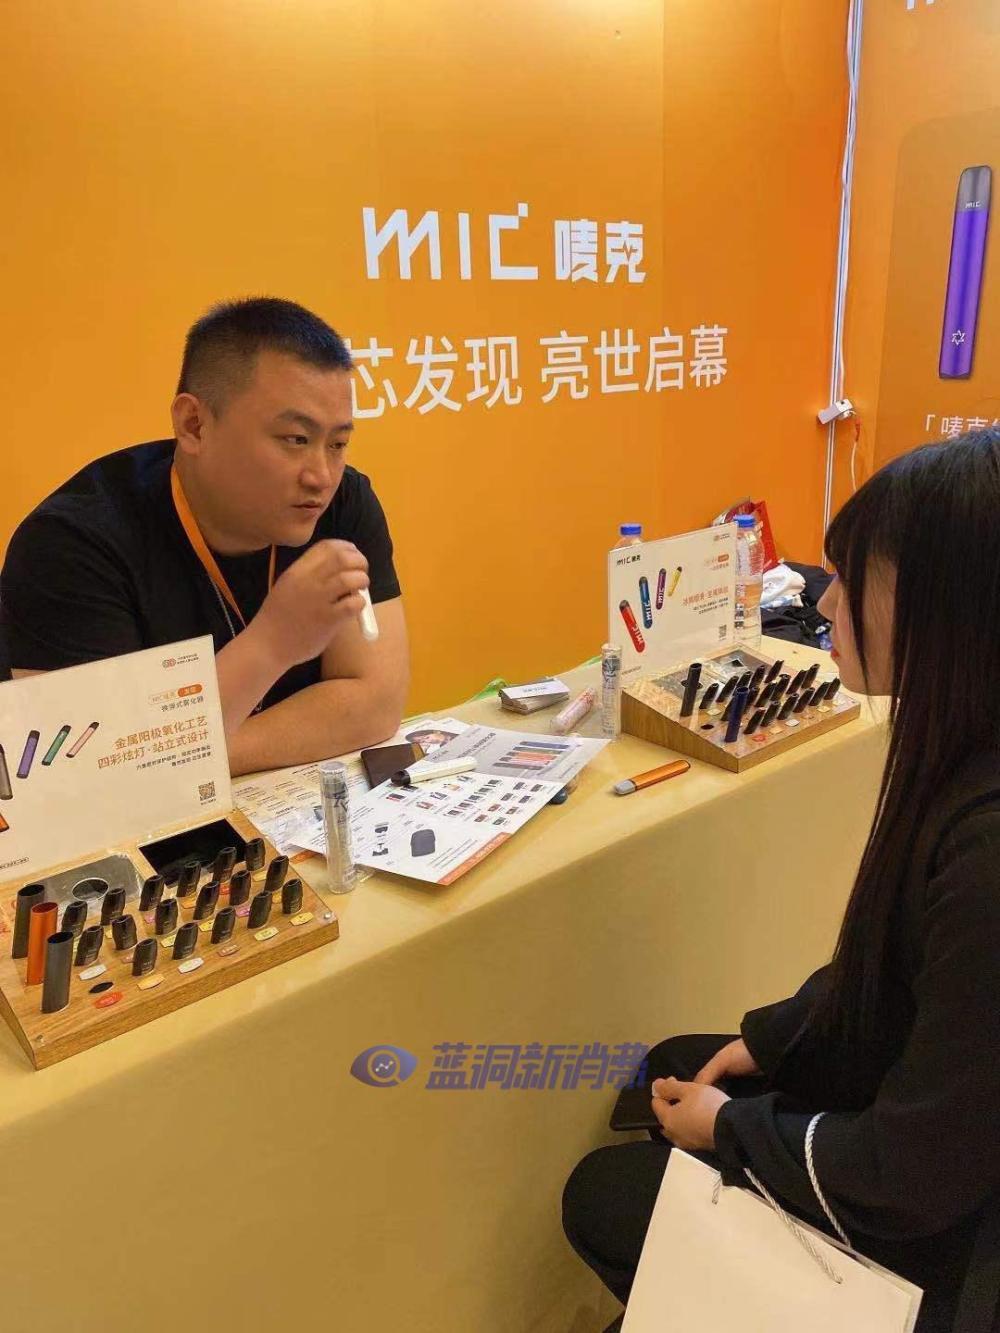 沈阳站探展MIC唛克电子烟:品牌虽新不容小觑 现场人气火爆